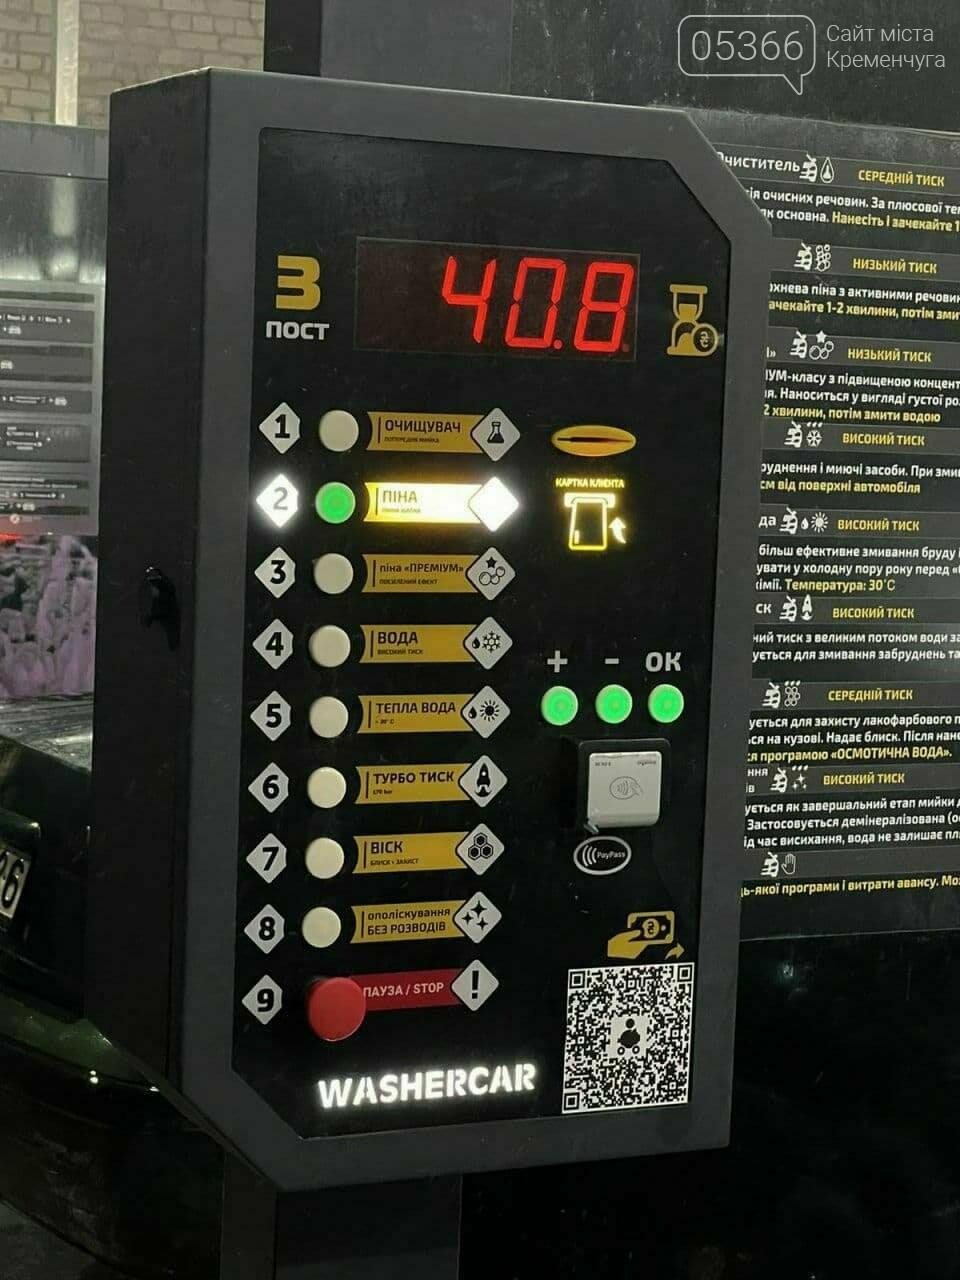 У Кременчуці відкрилася мийка останнього покоління «Wash and Go», фото-6